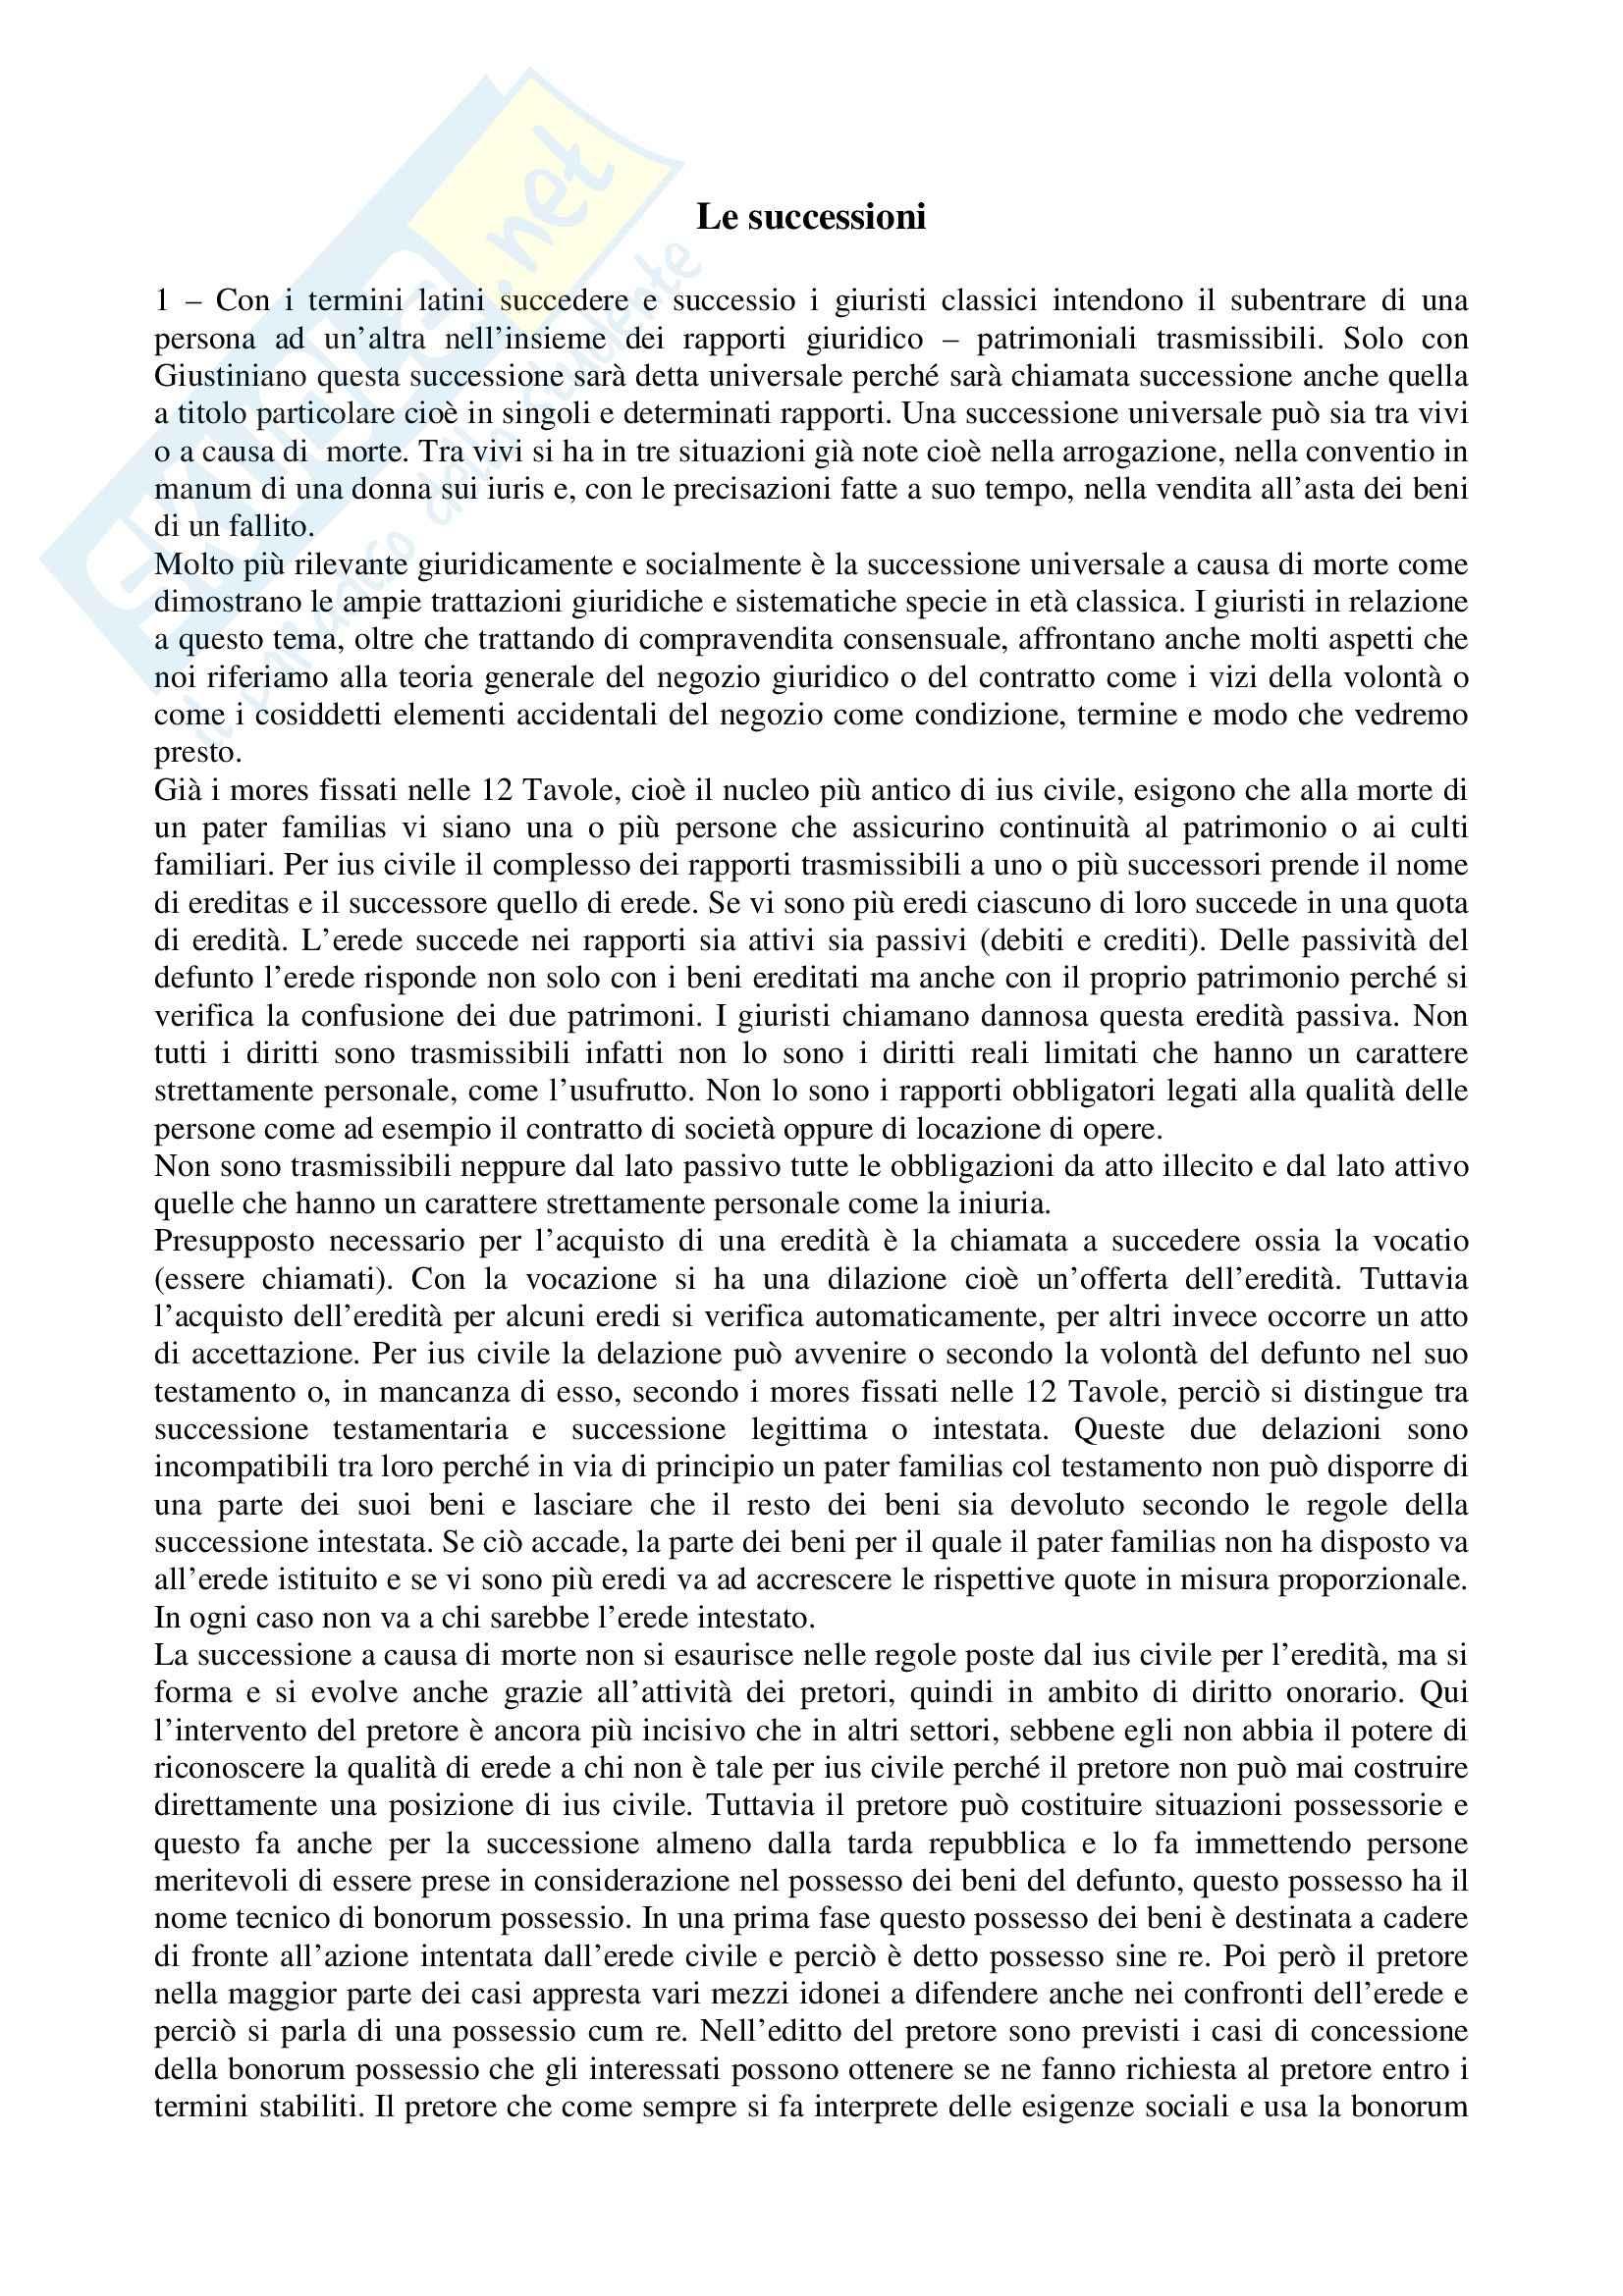 Diritto romano - le successioni